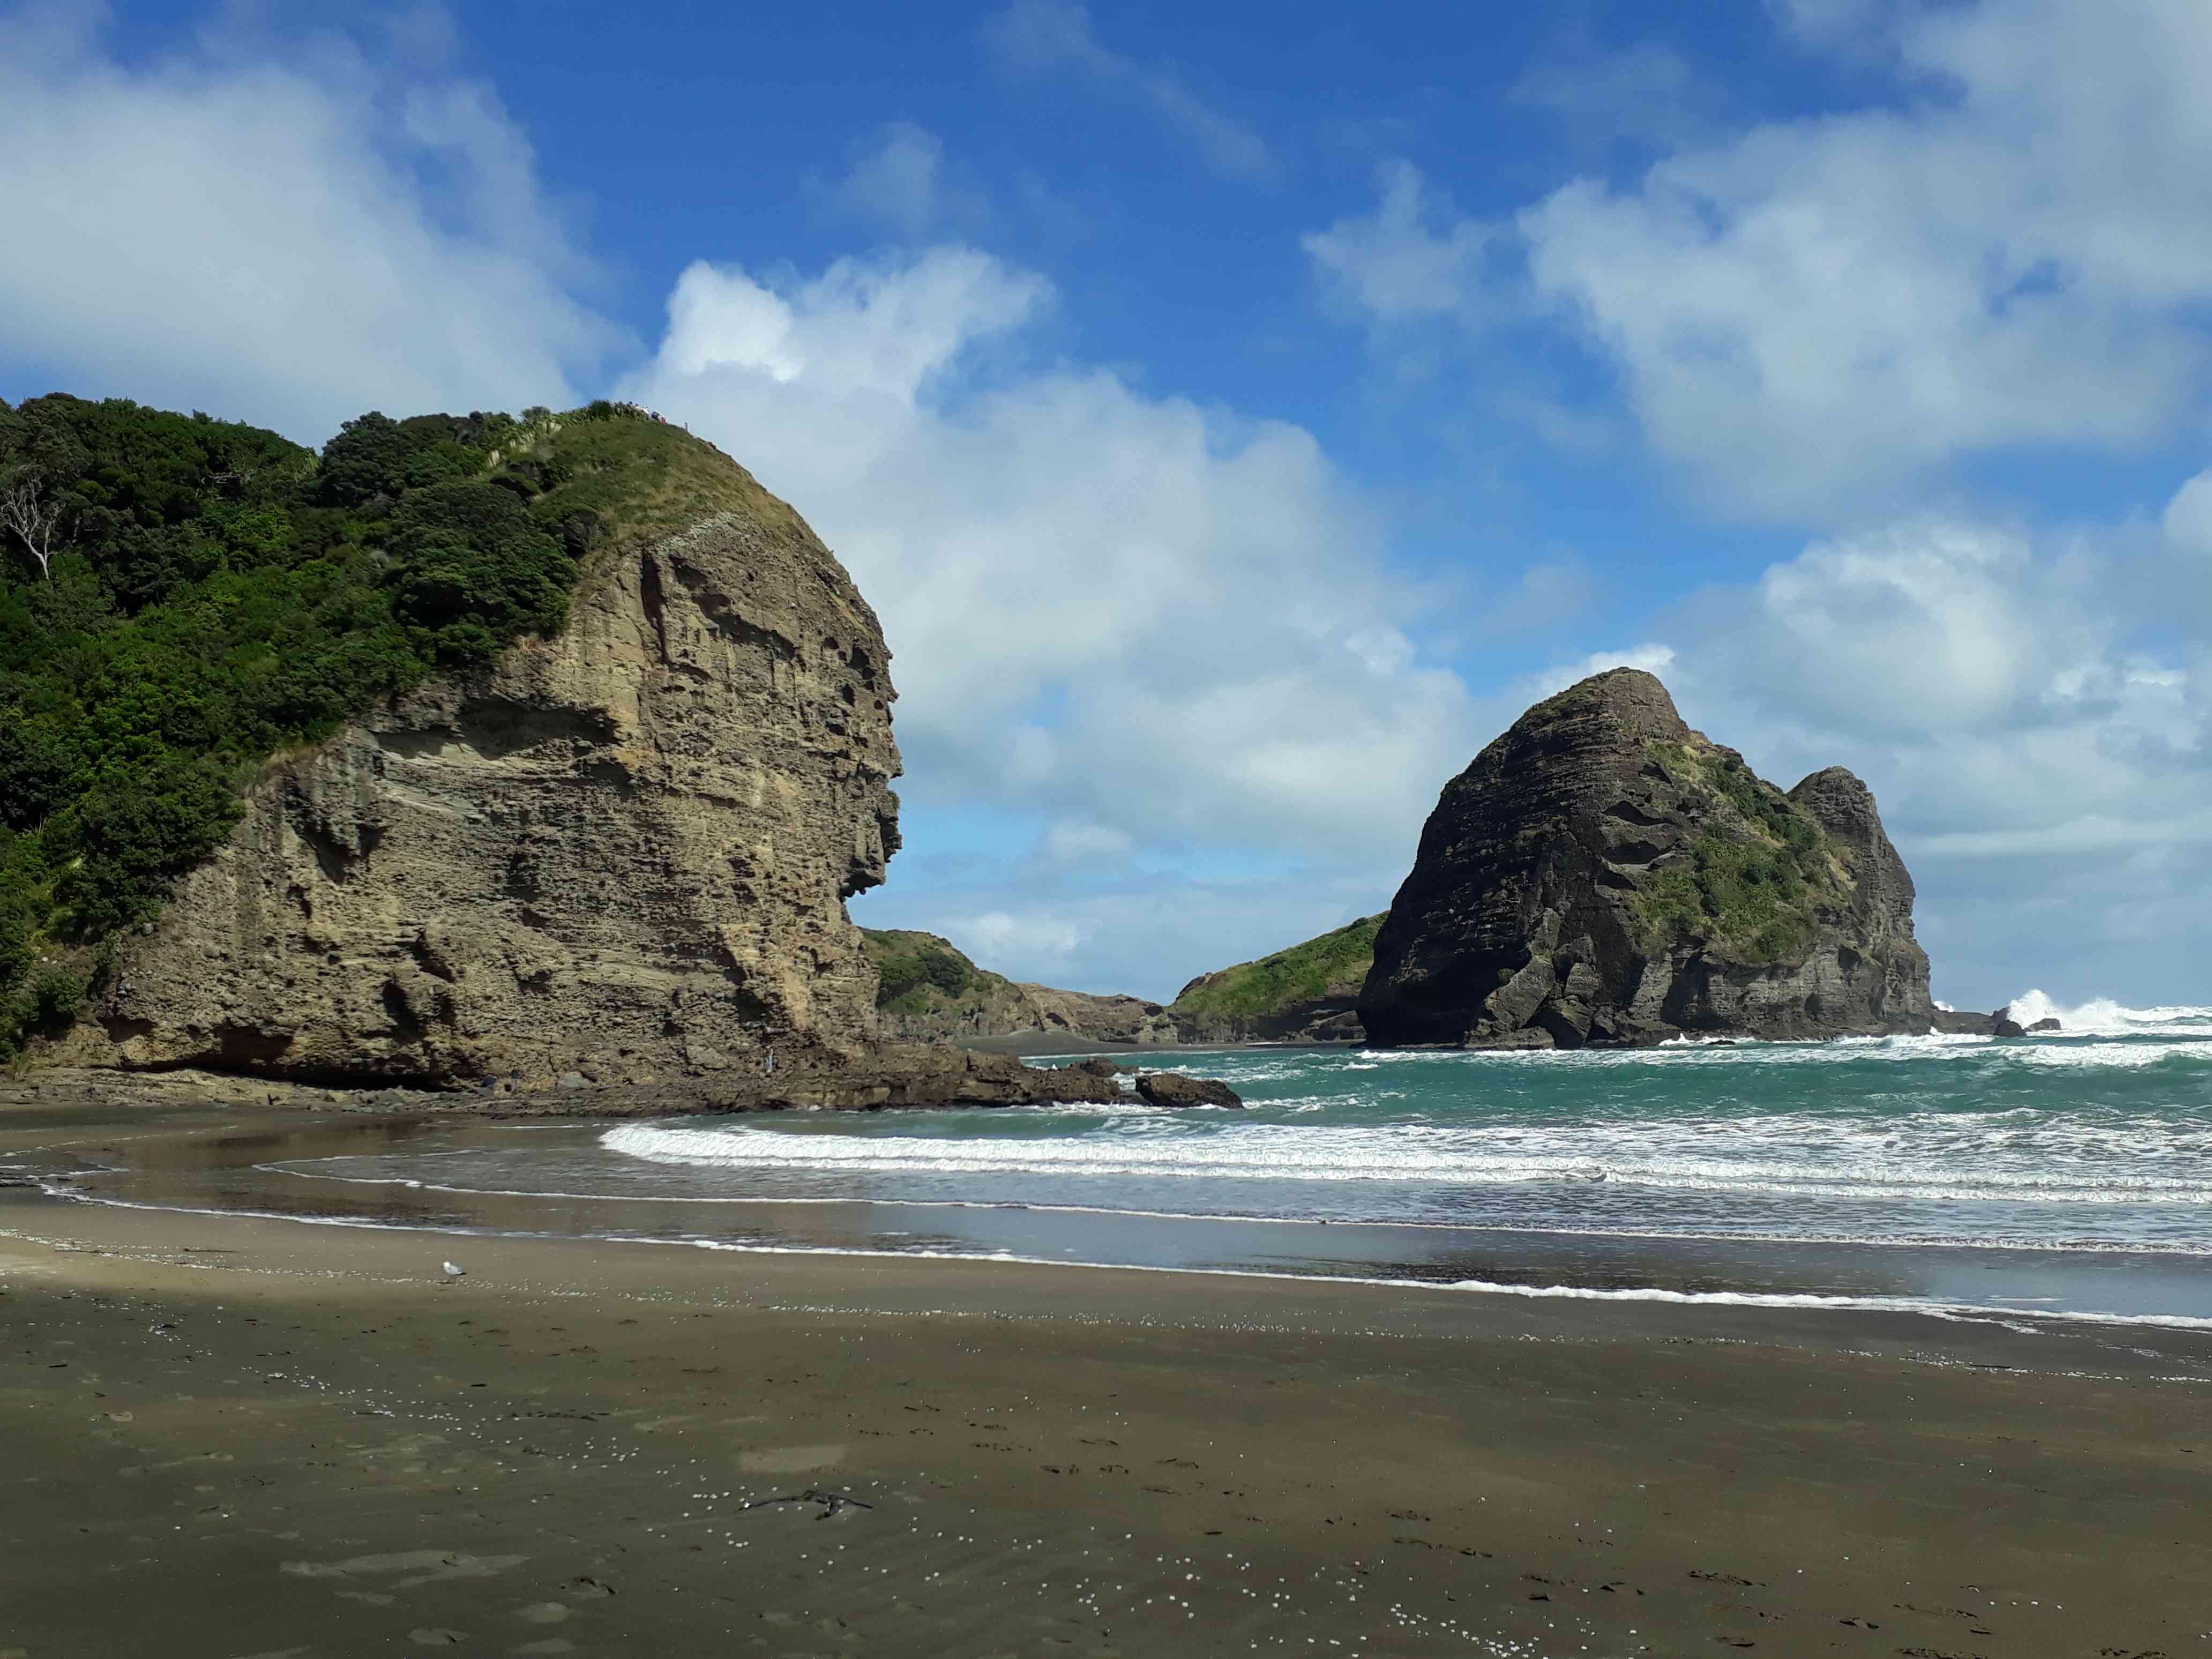 cliffs beside a black sand beach at Piha